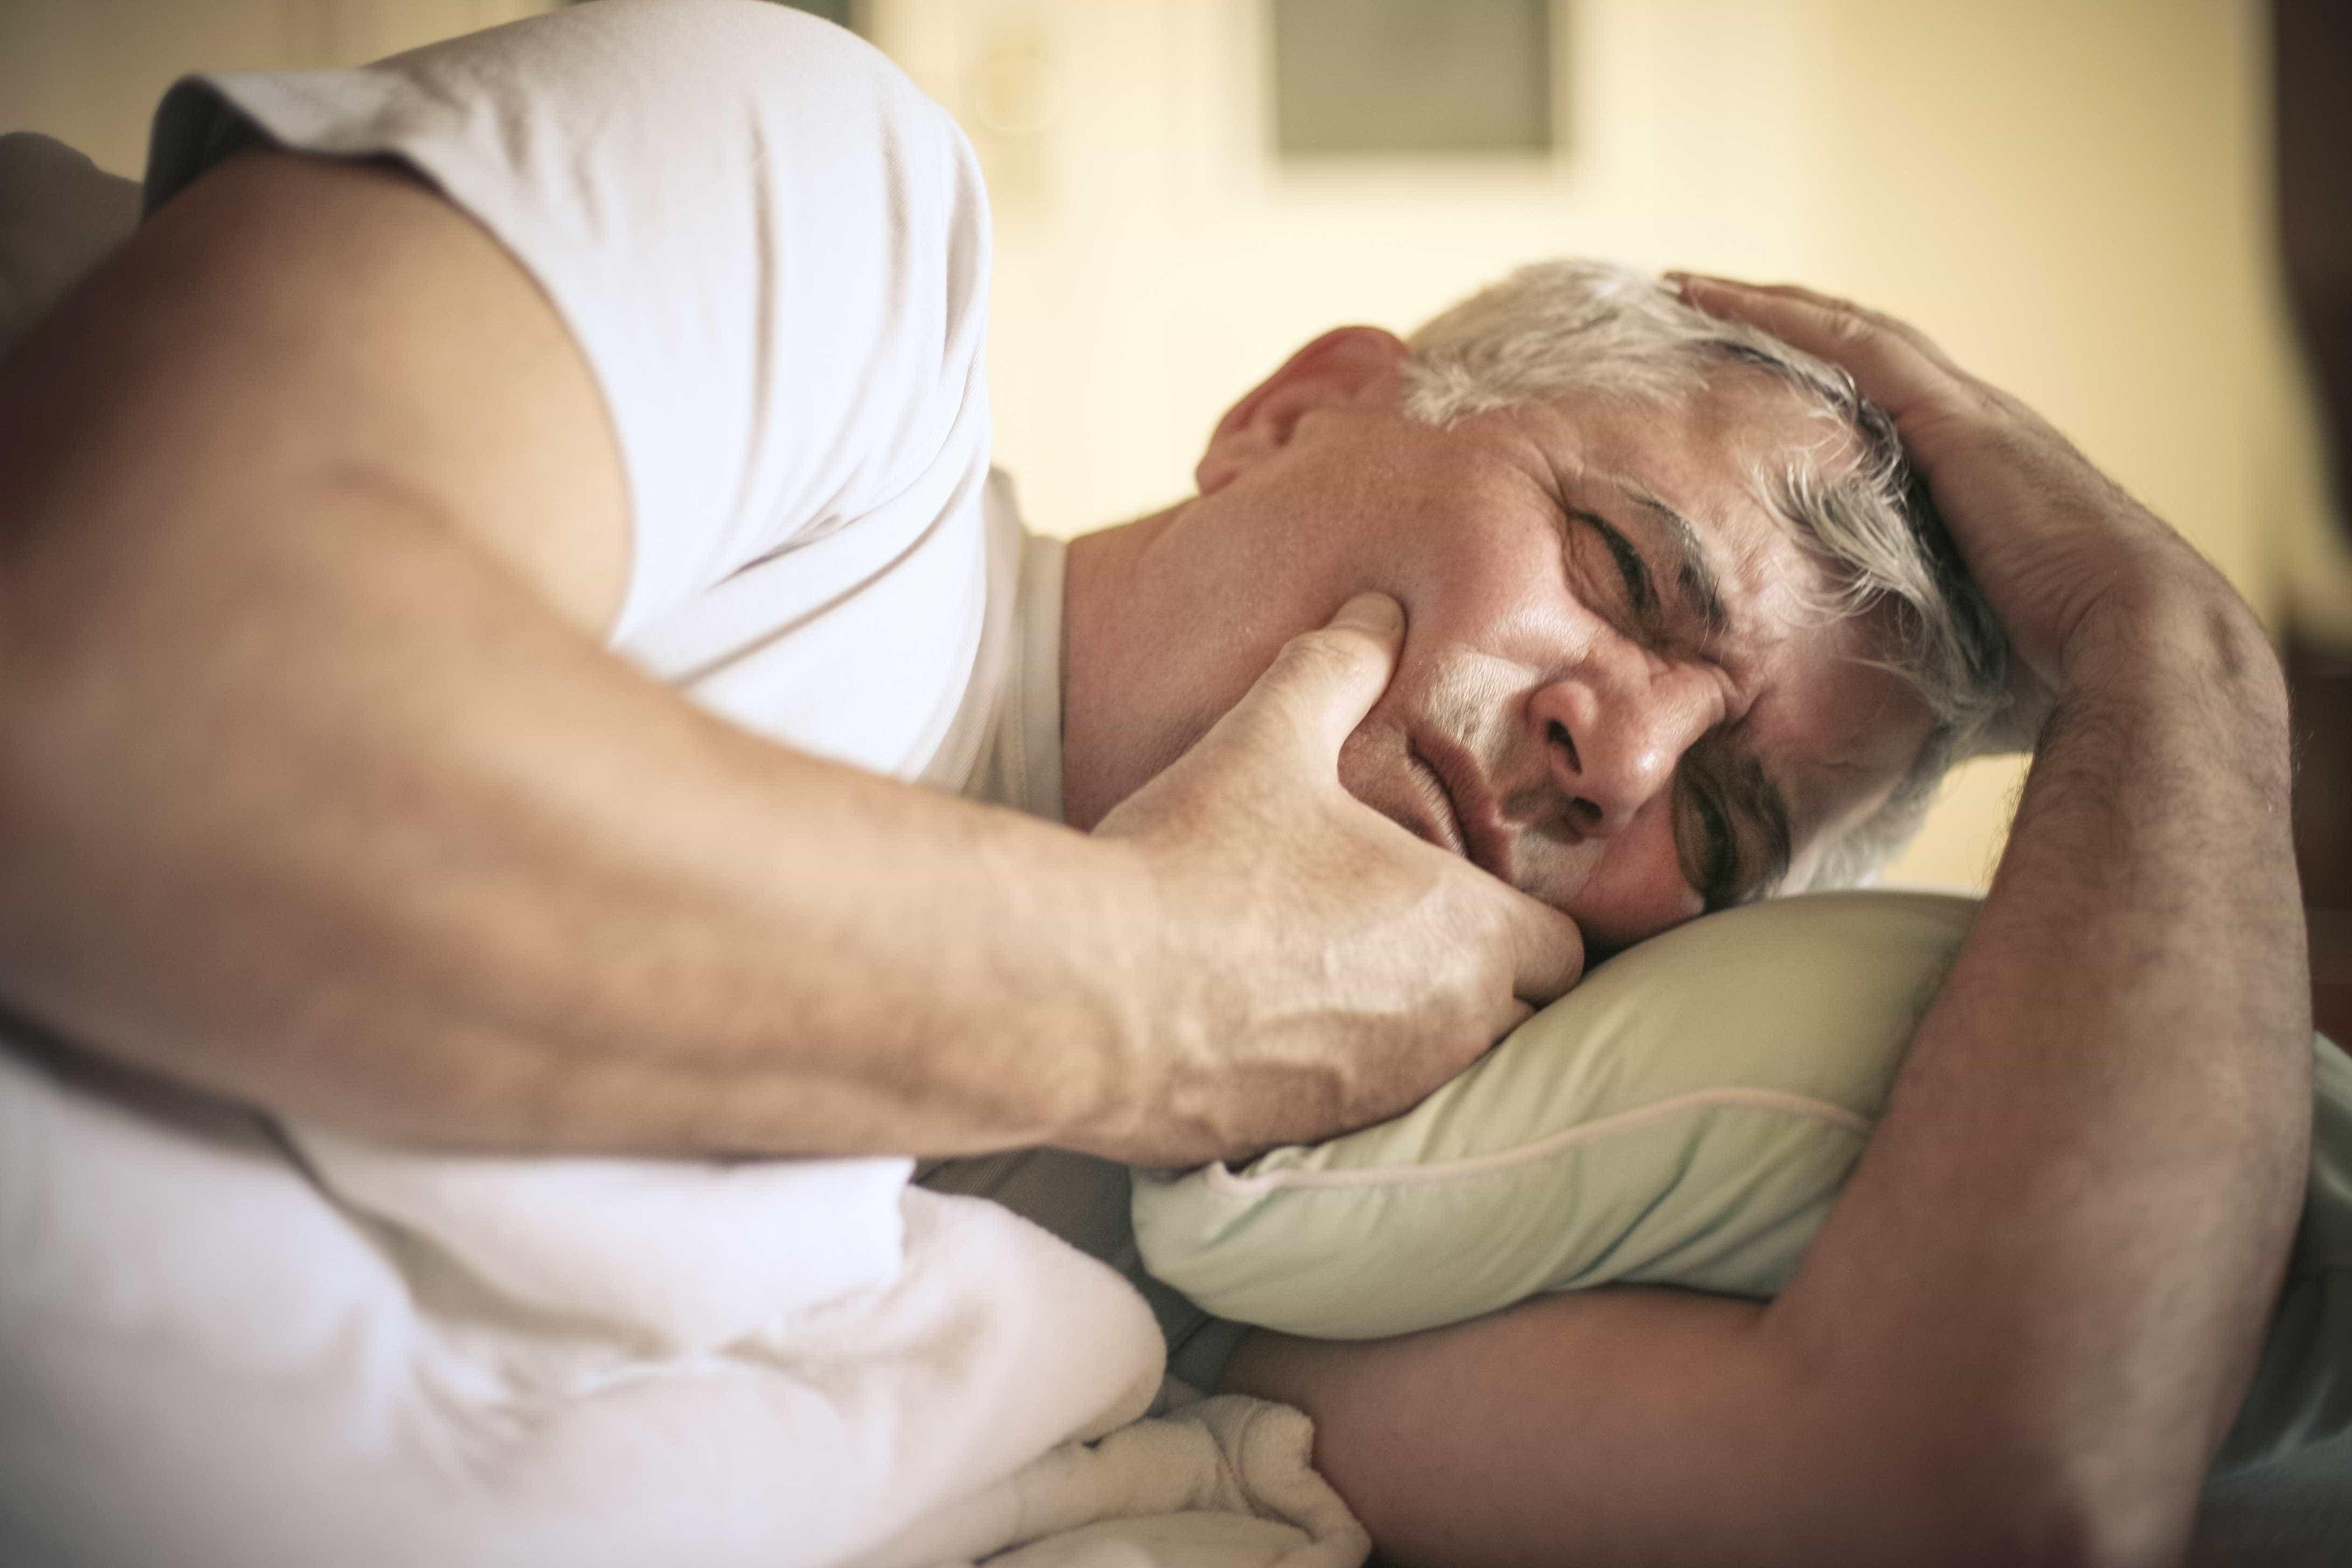 Lesões na boca que não cicatrizam podem ser sinais de câncer